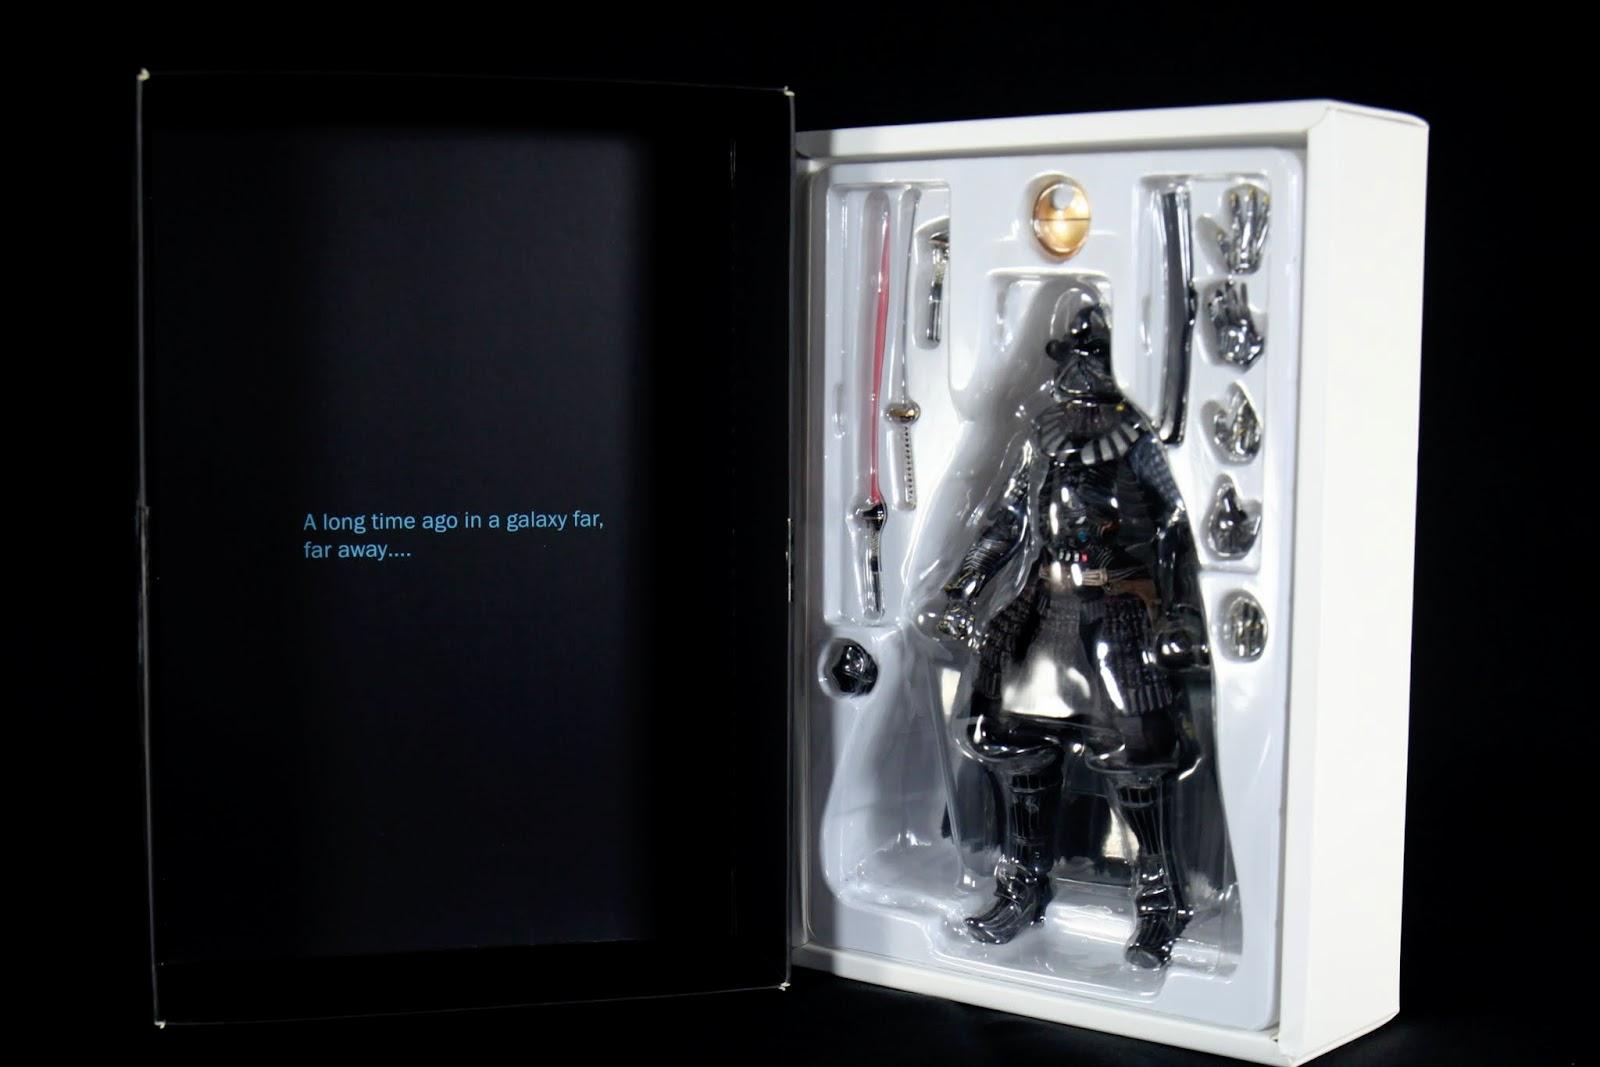 盒子開的方式是直開的,上盒底有星戰每部電影的開頭